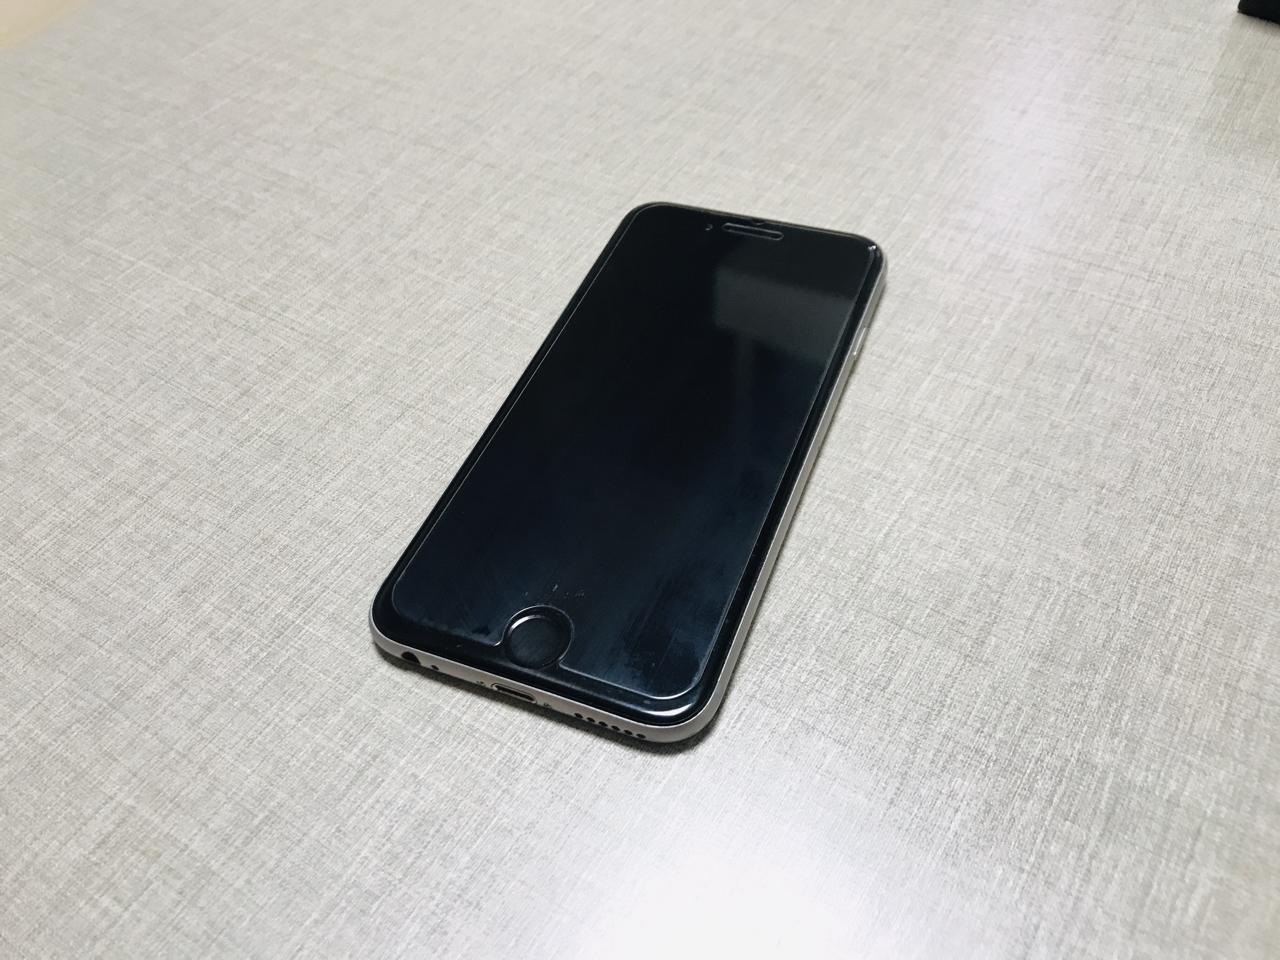 아이폰6 16g 판매합니다 문경 상주 구미